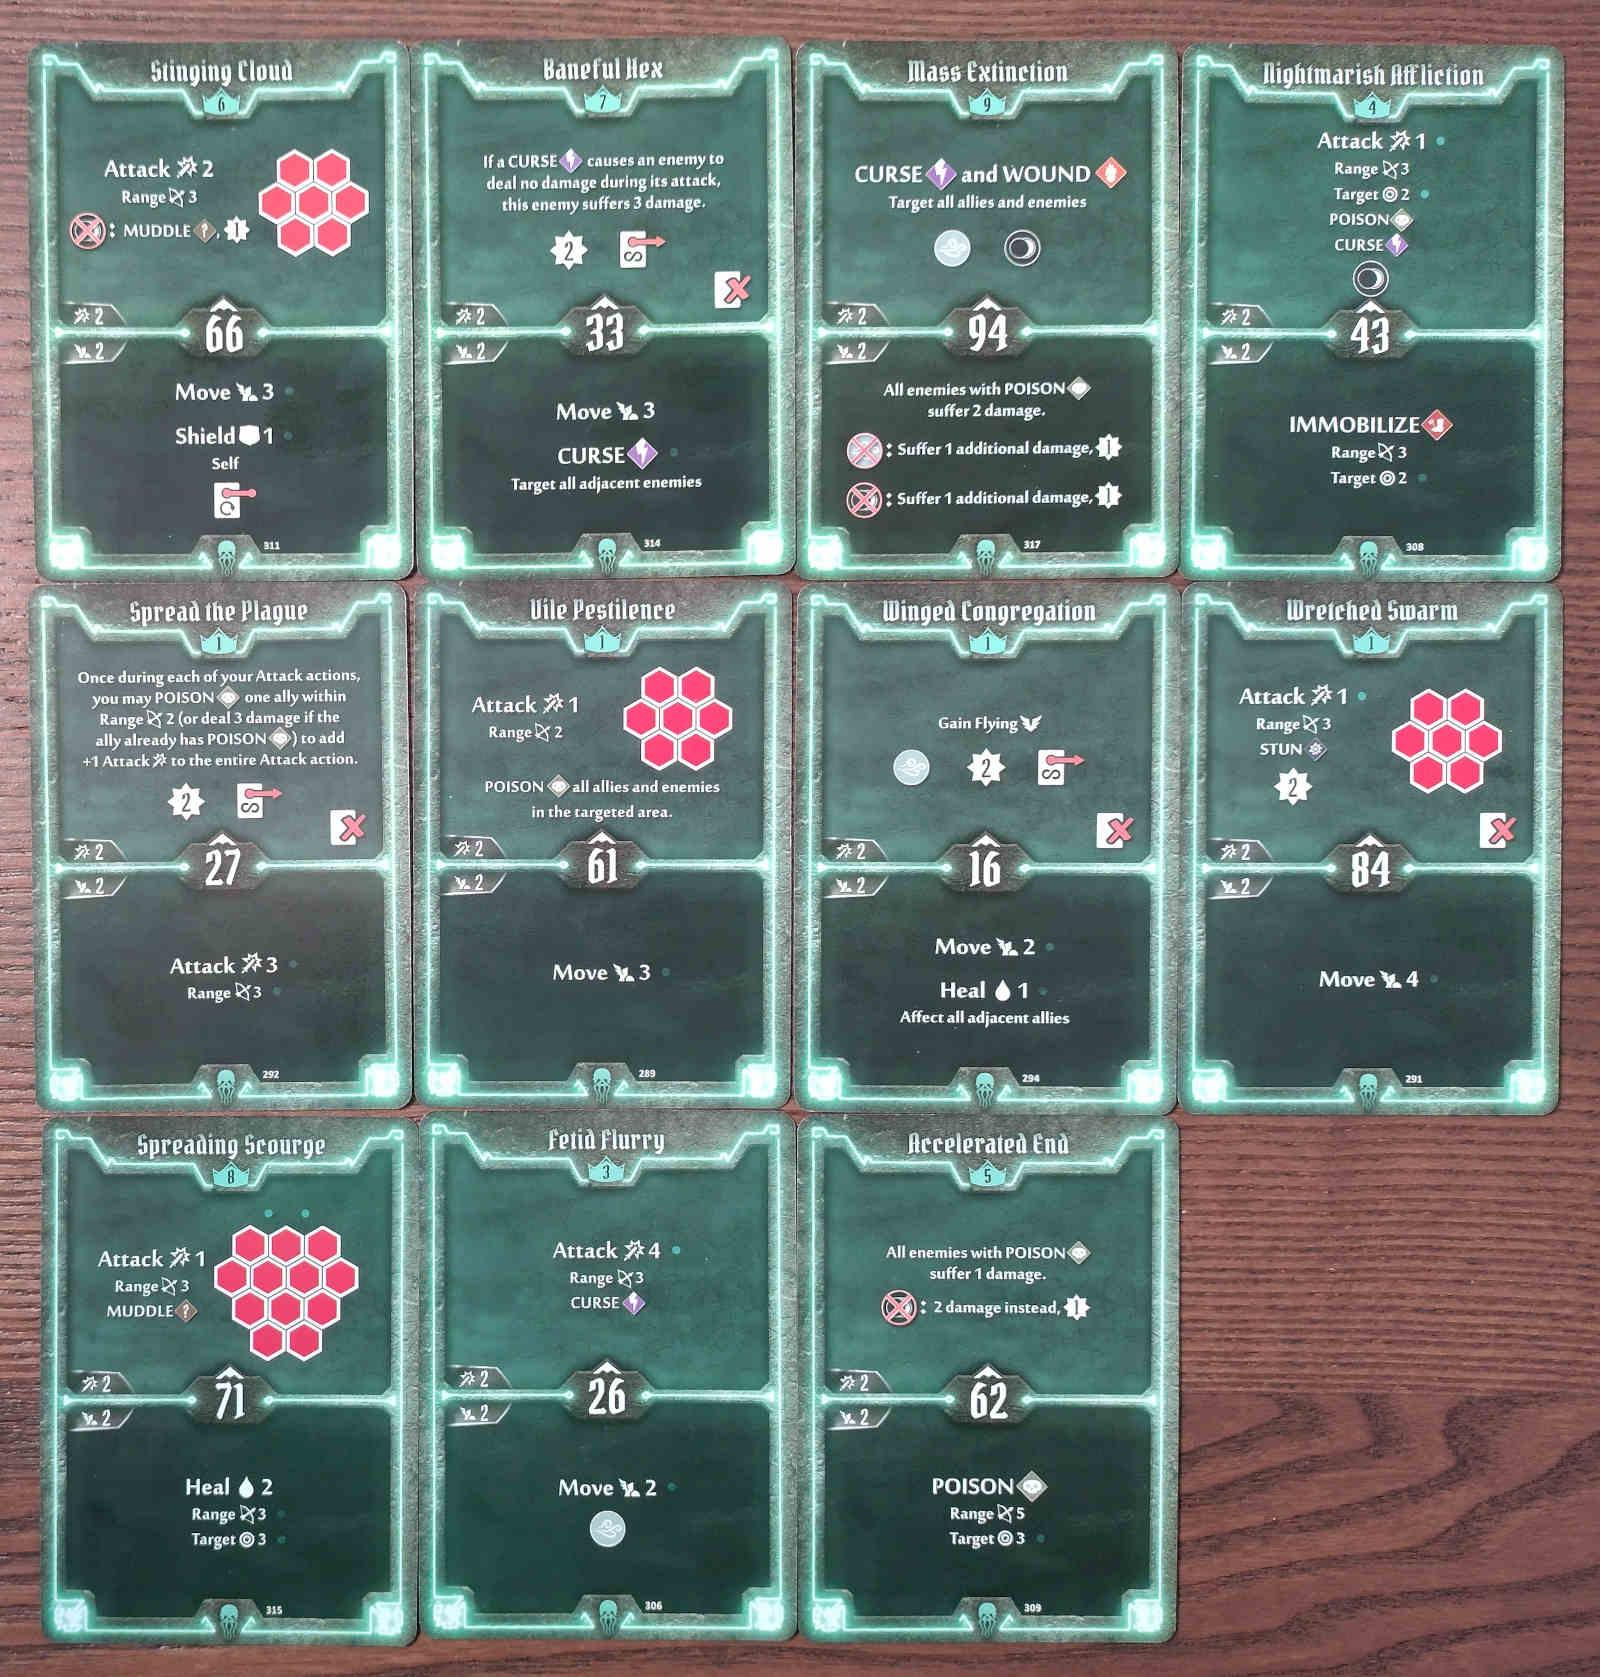 Gloomhaven Plagueherald Poison Curse Hybrid Build Level 9 cards